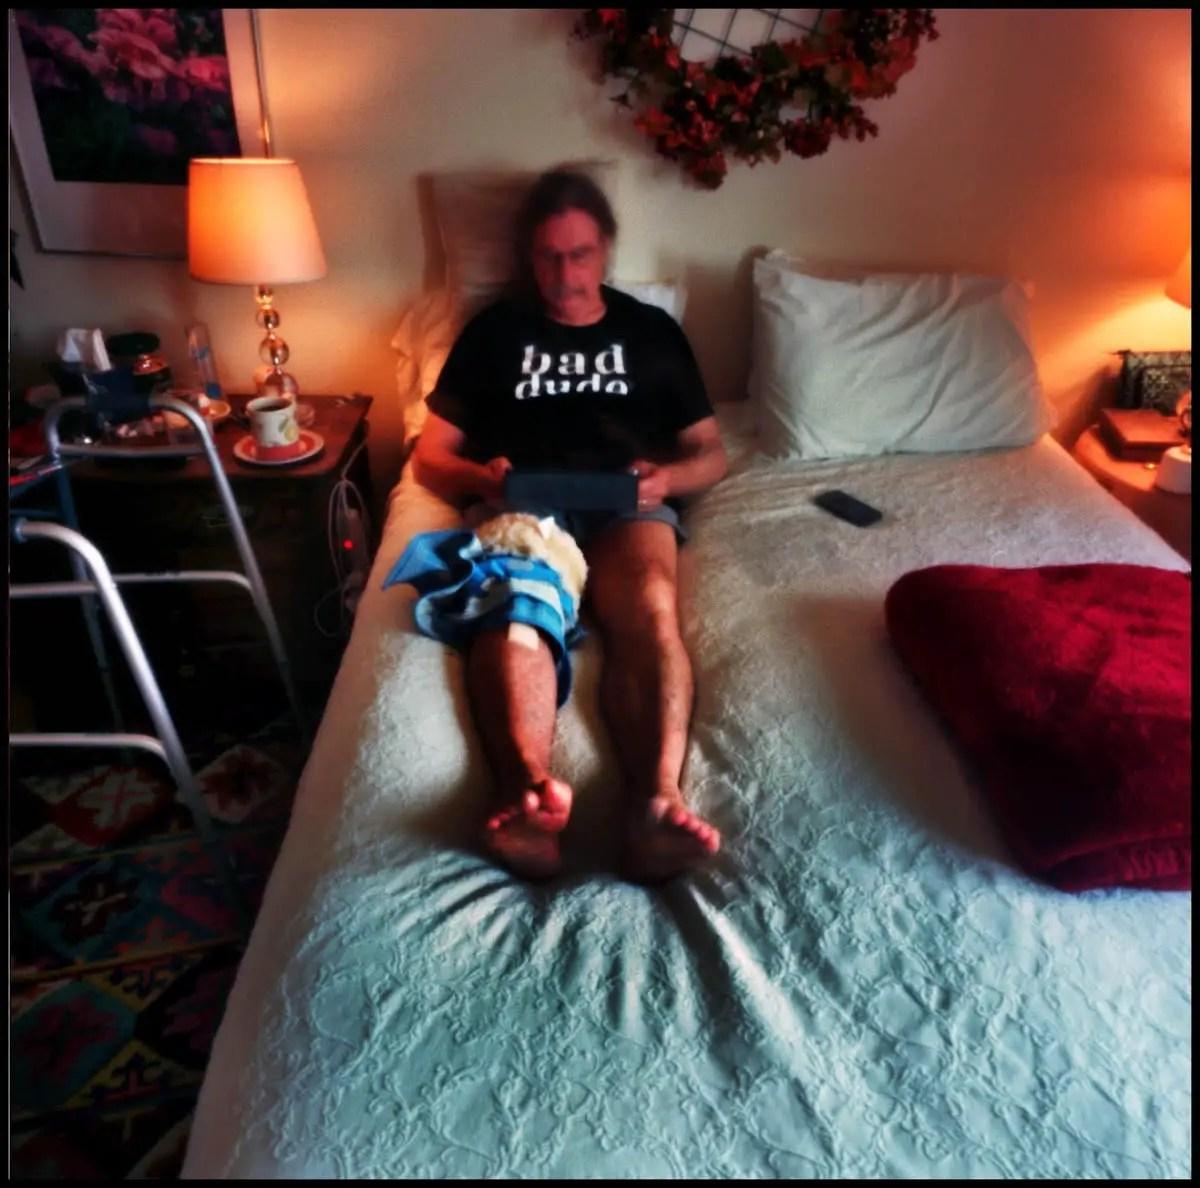 Nick Dvoracek - Shut-in, Kodak Portra 400